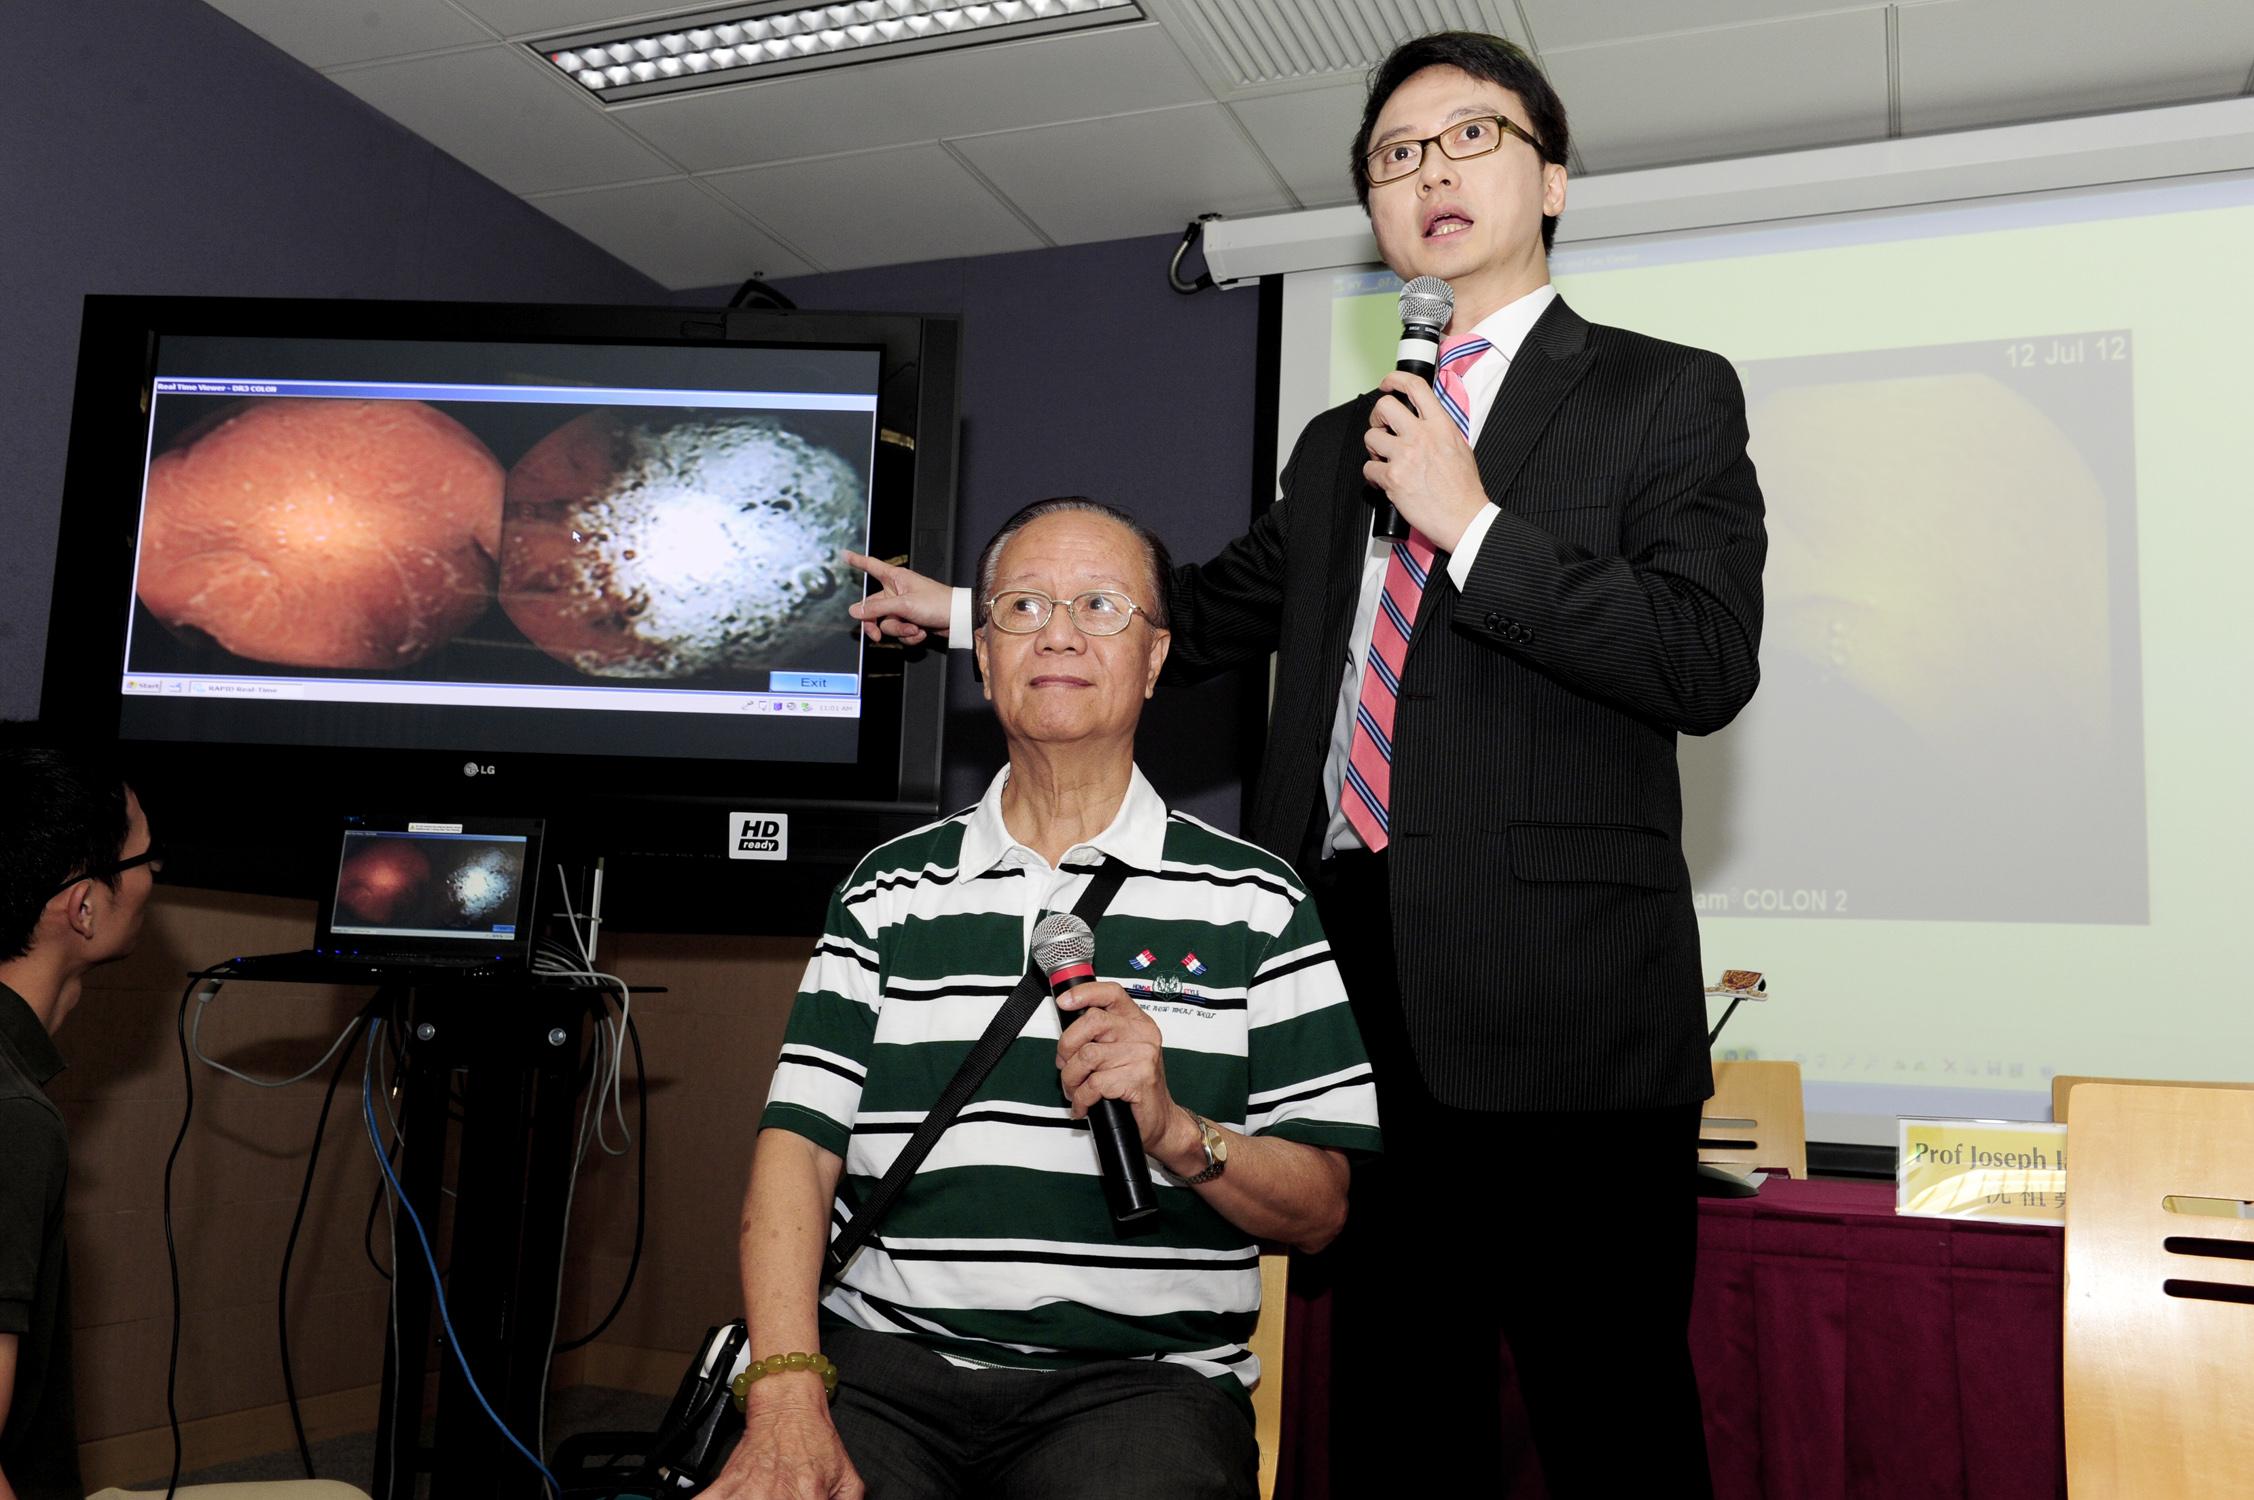 陳家亮教授(右)展示大腸膠囊內視鏡拍攝的實時影像